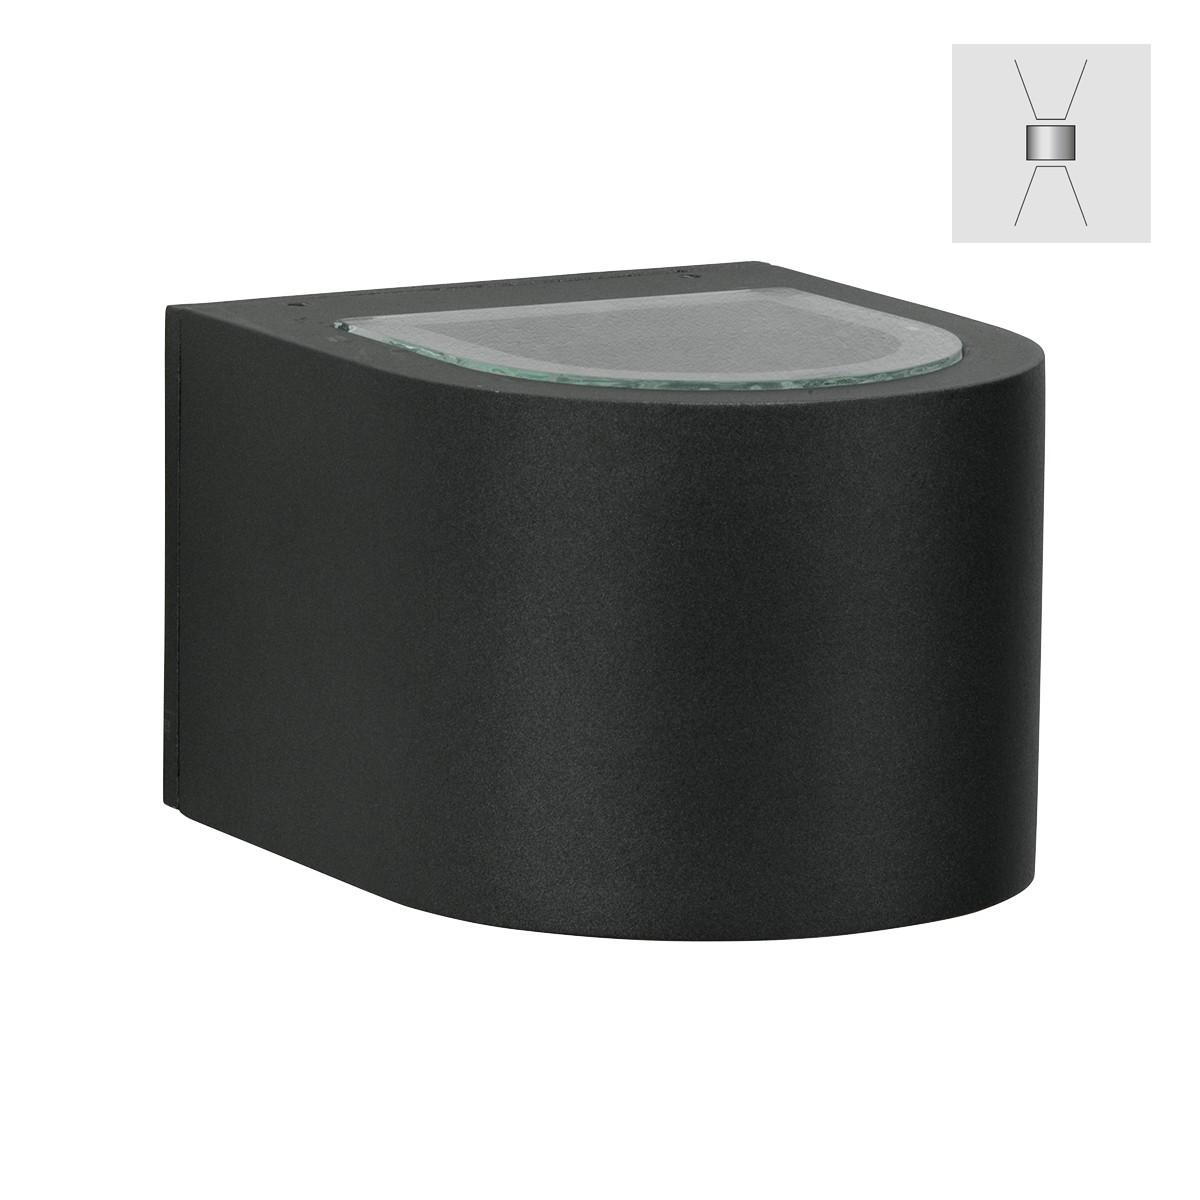 Albert 2340 Wandstrahler, breit/breit, schwarz